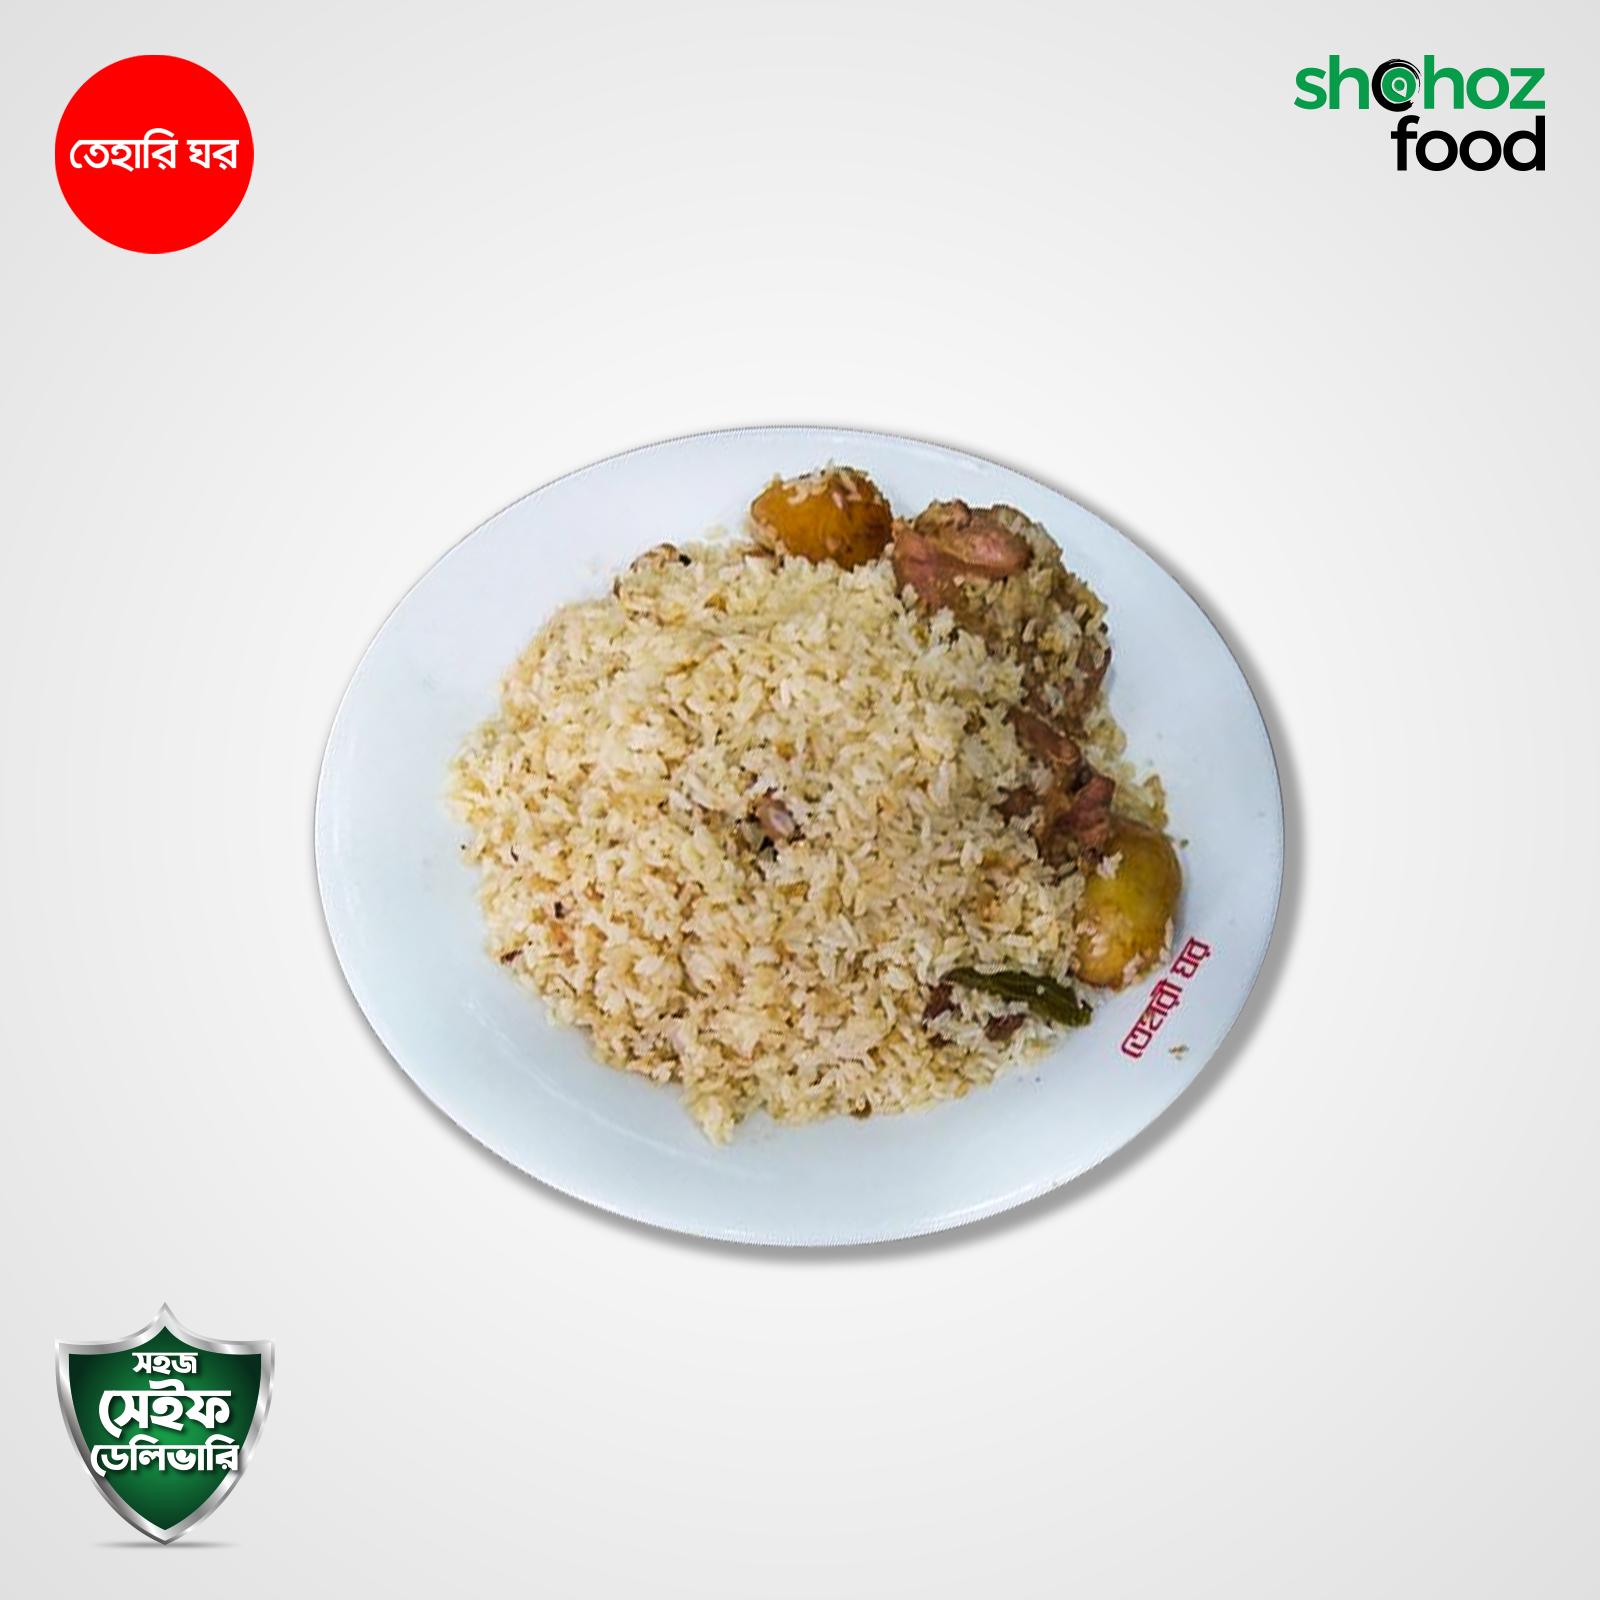 Tehari Ghar Restaurant Review